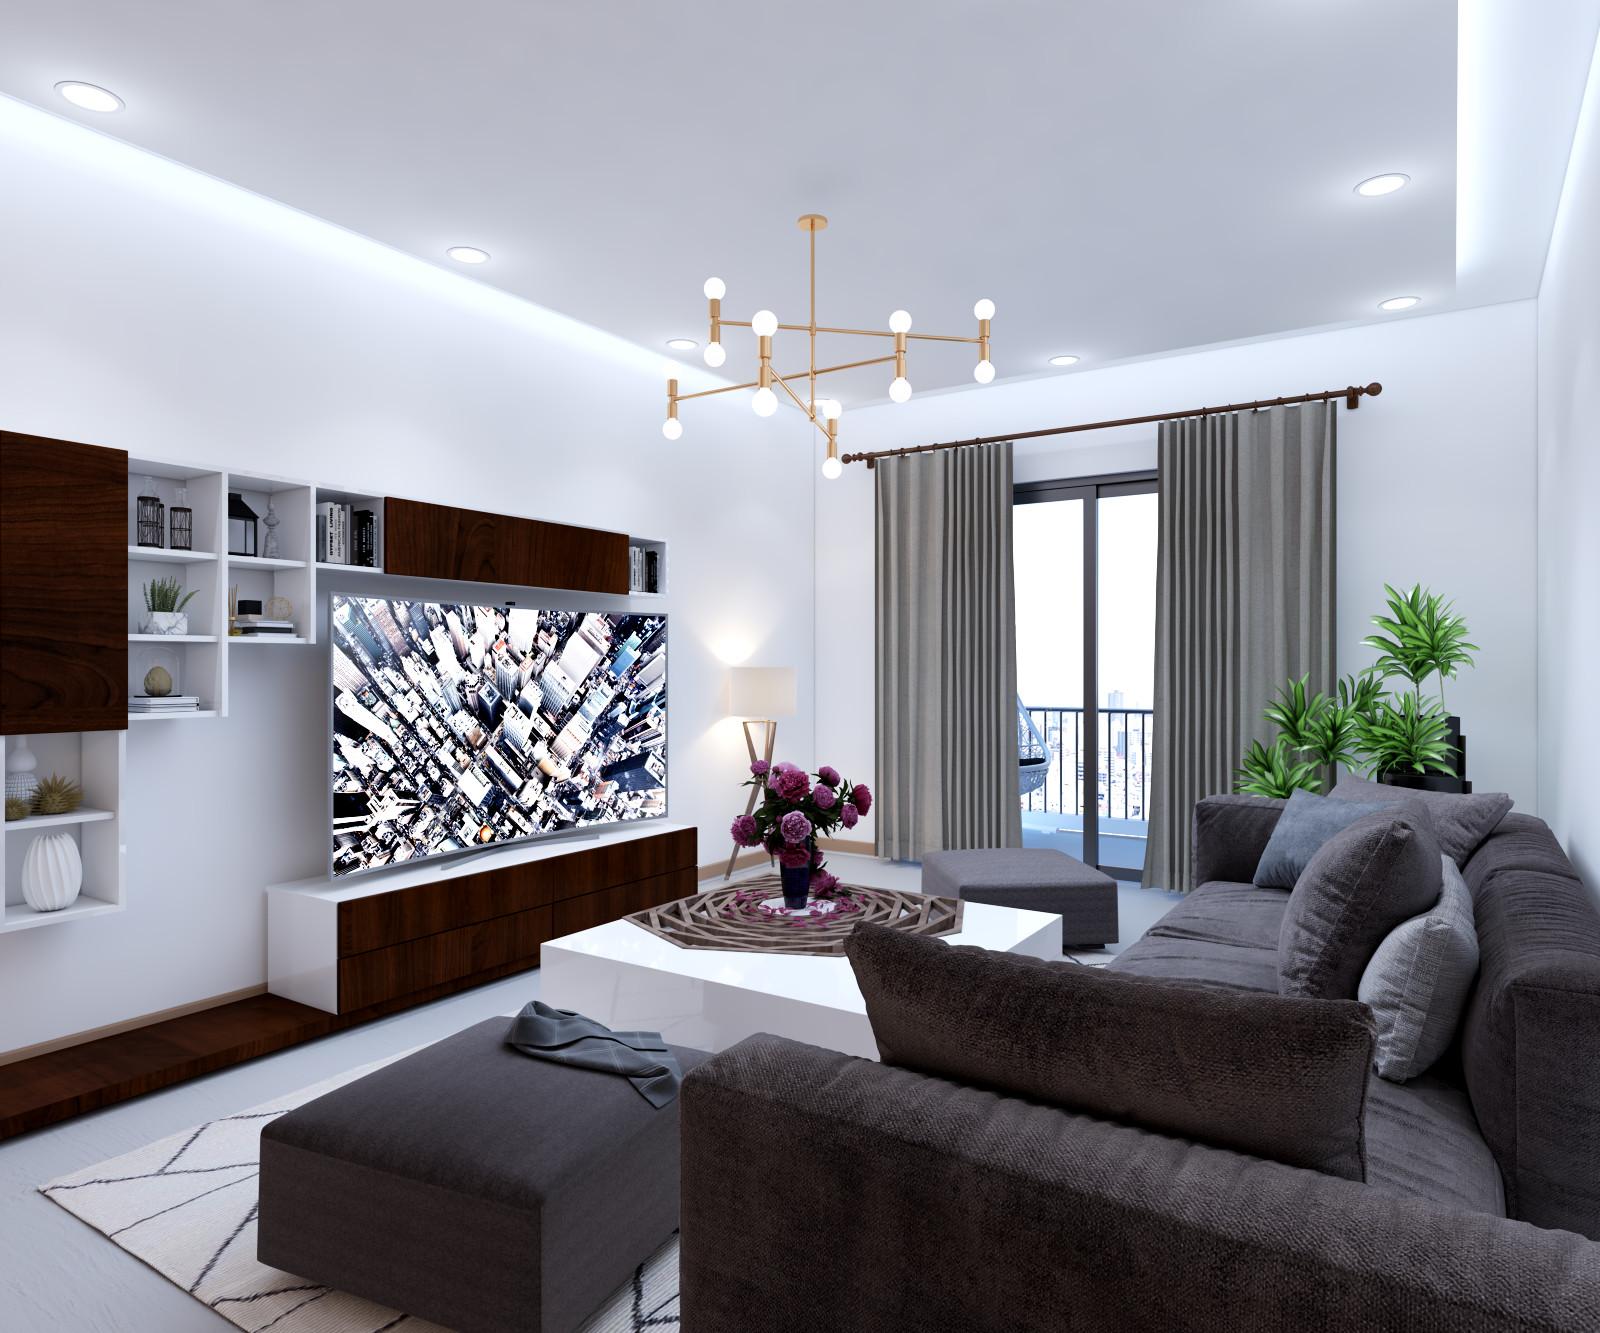 Shivkant Baghel Paras Irene 4bhk Flat 3d Interior Design In Gurgaon